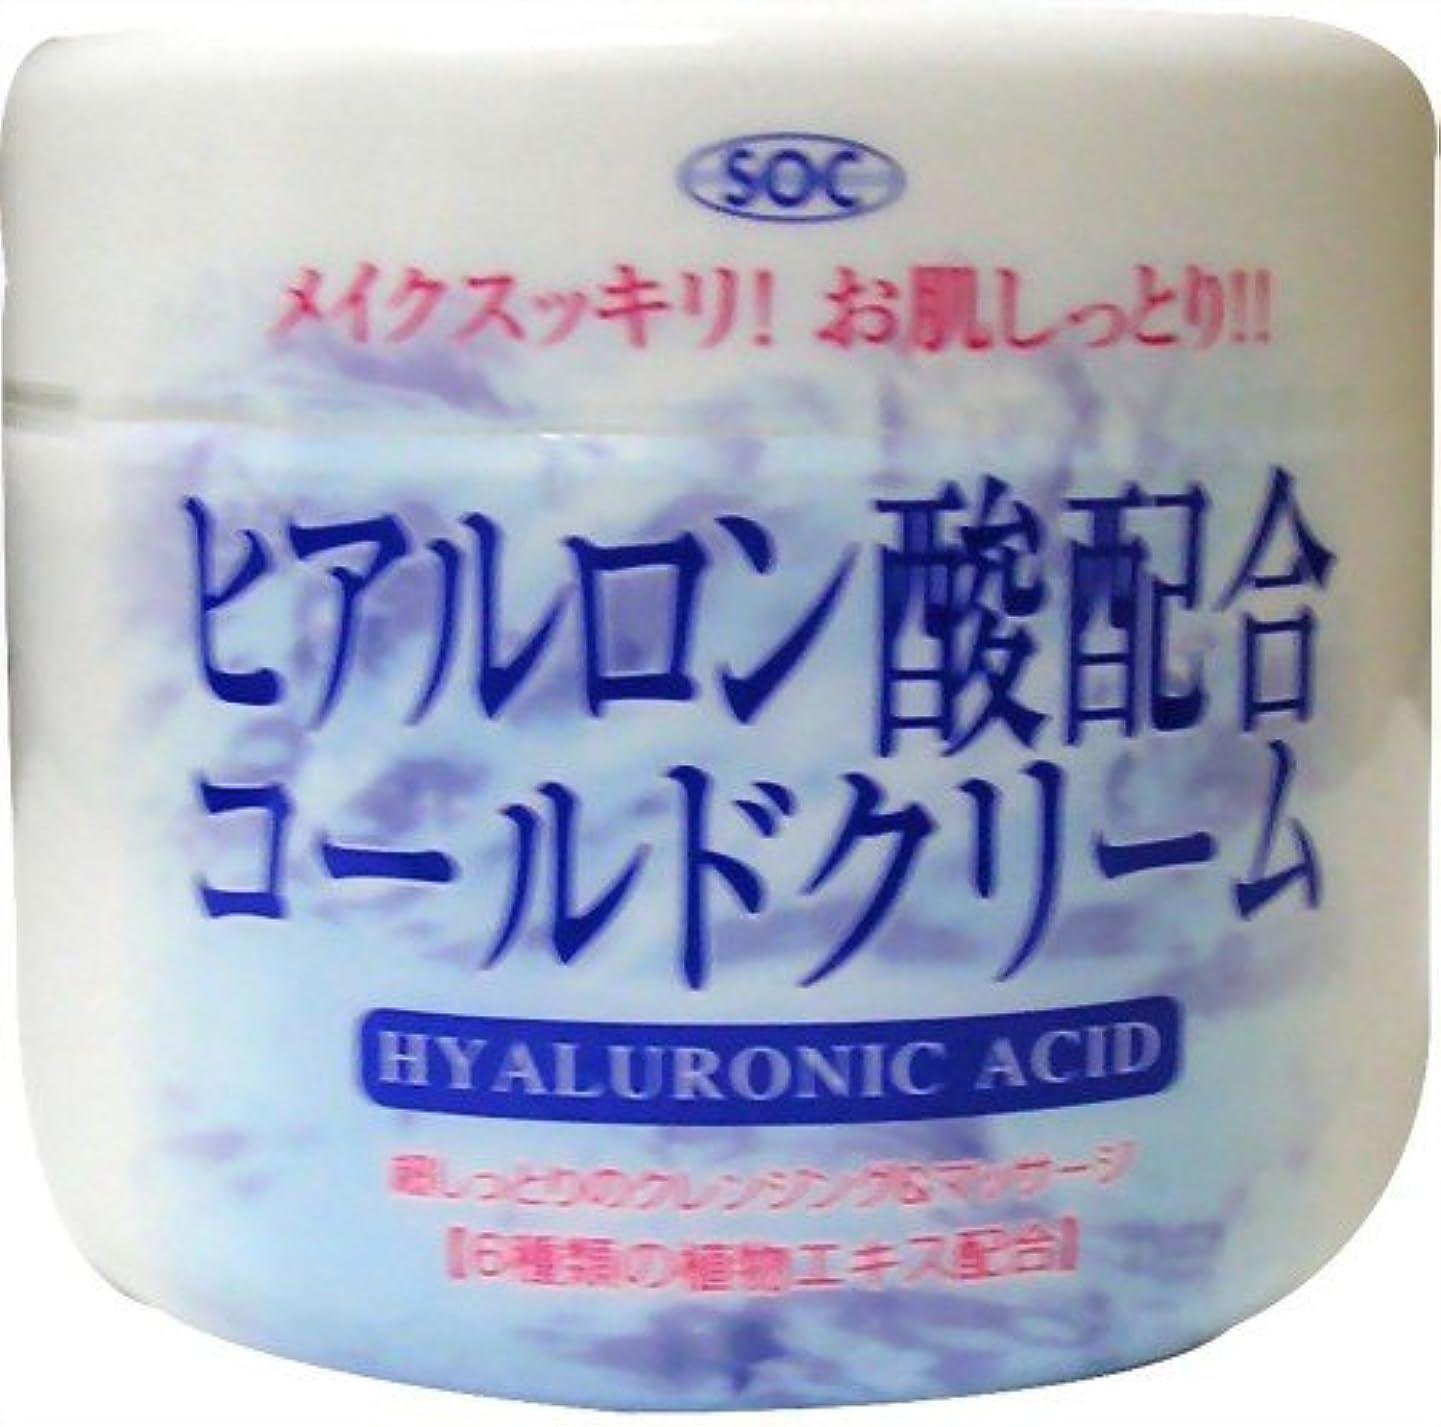 独特の部分的に発掘澁谷油脂 ヒアルロン酸コールドクリーム 270g